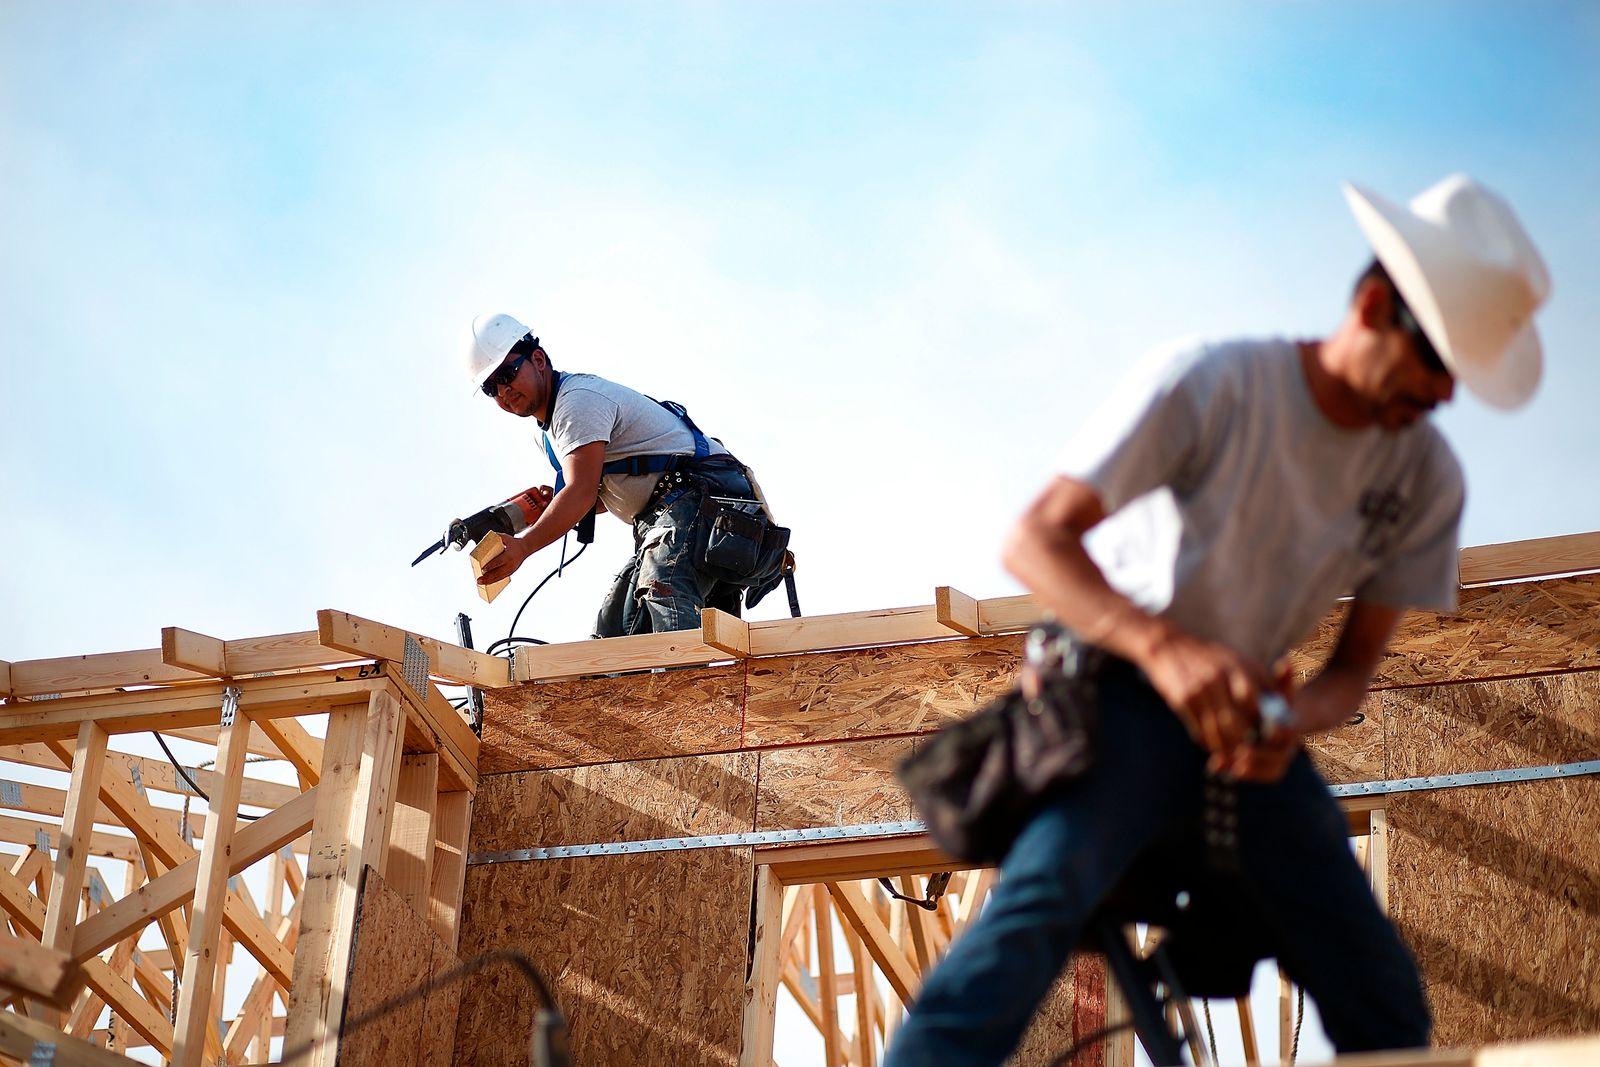 USA / Konjunktur / Haus-Bau / Bauarbeiter/ Baustelle / Wirtschaft